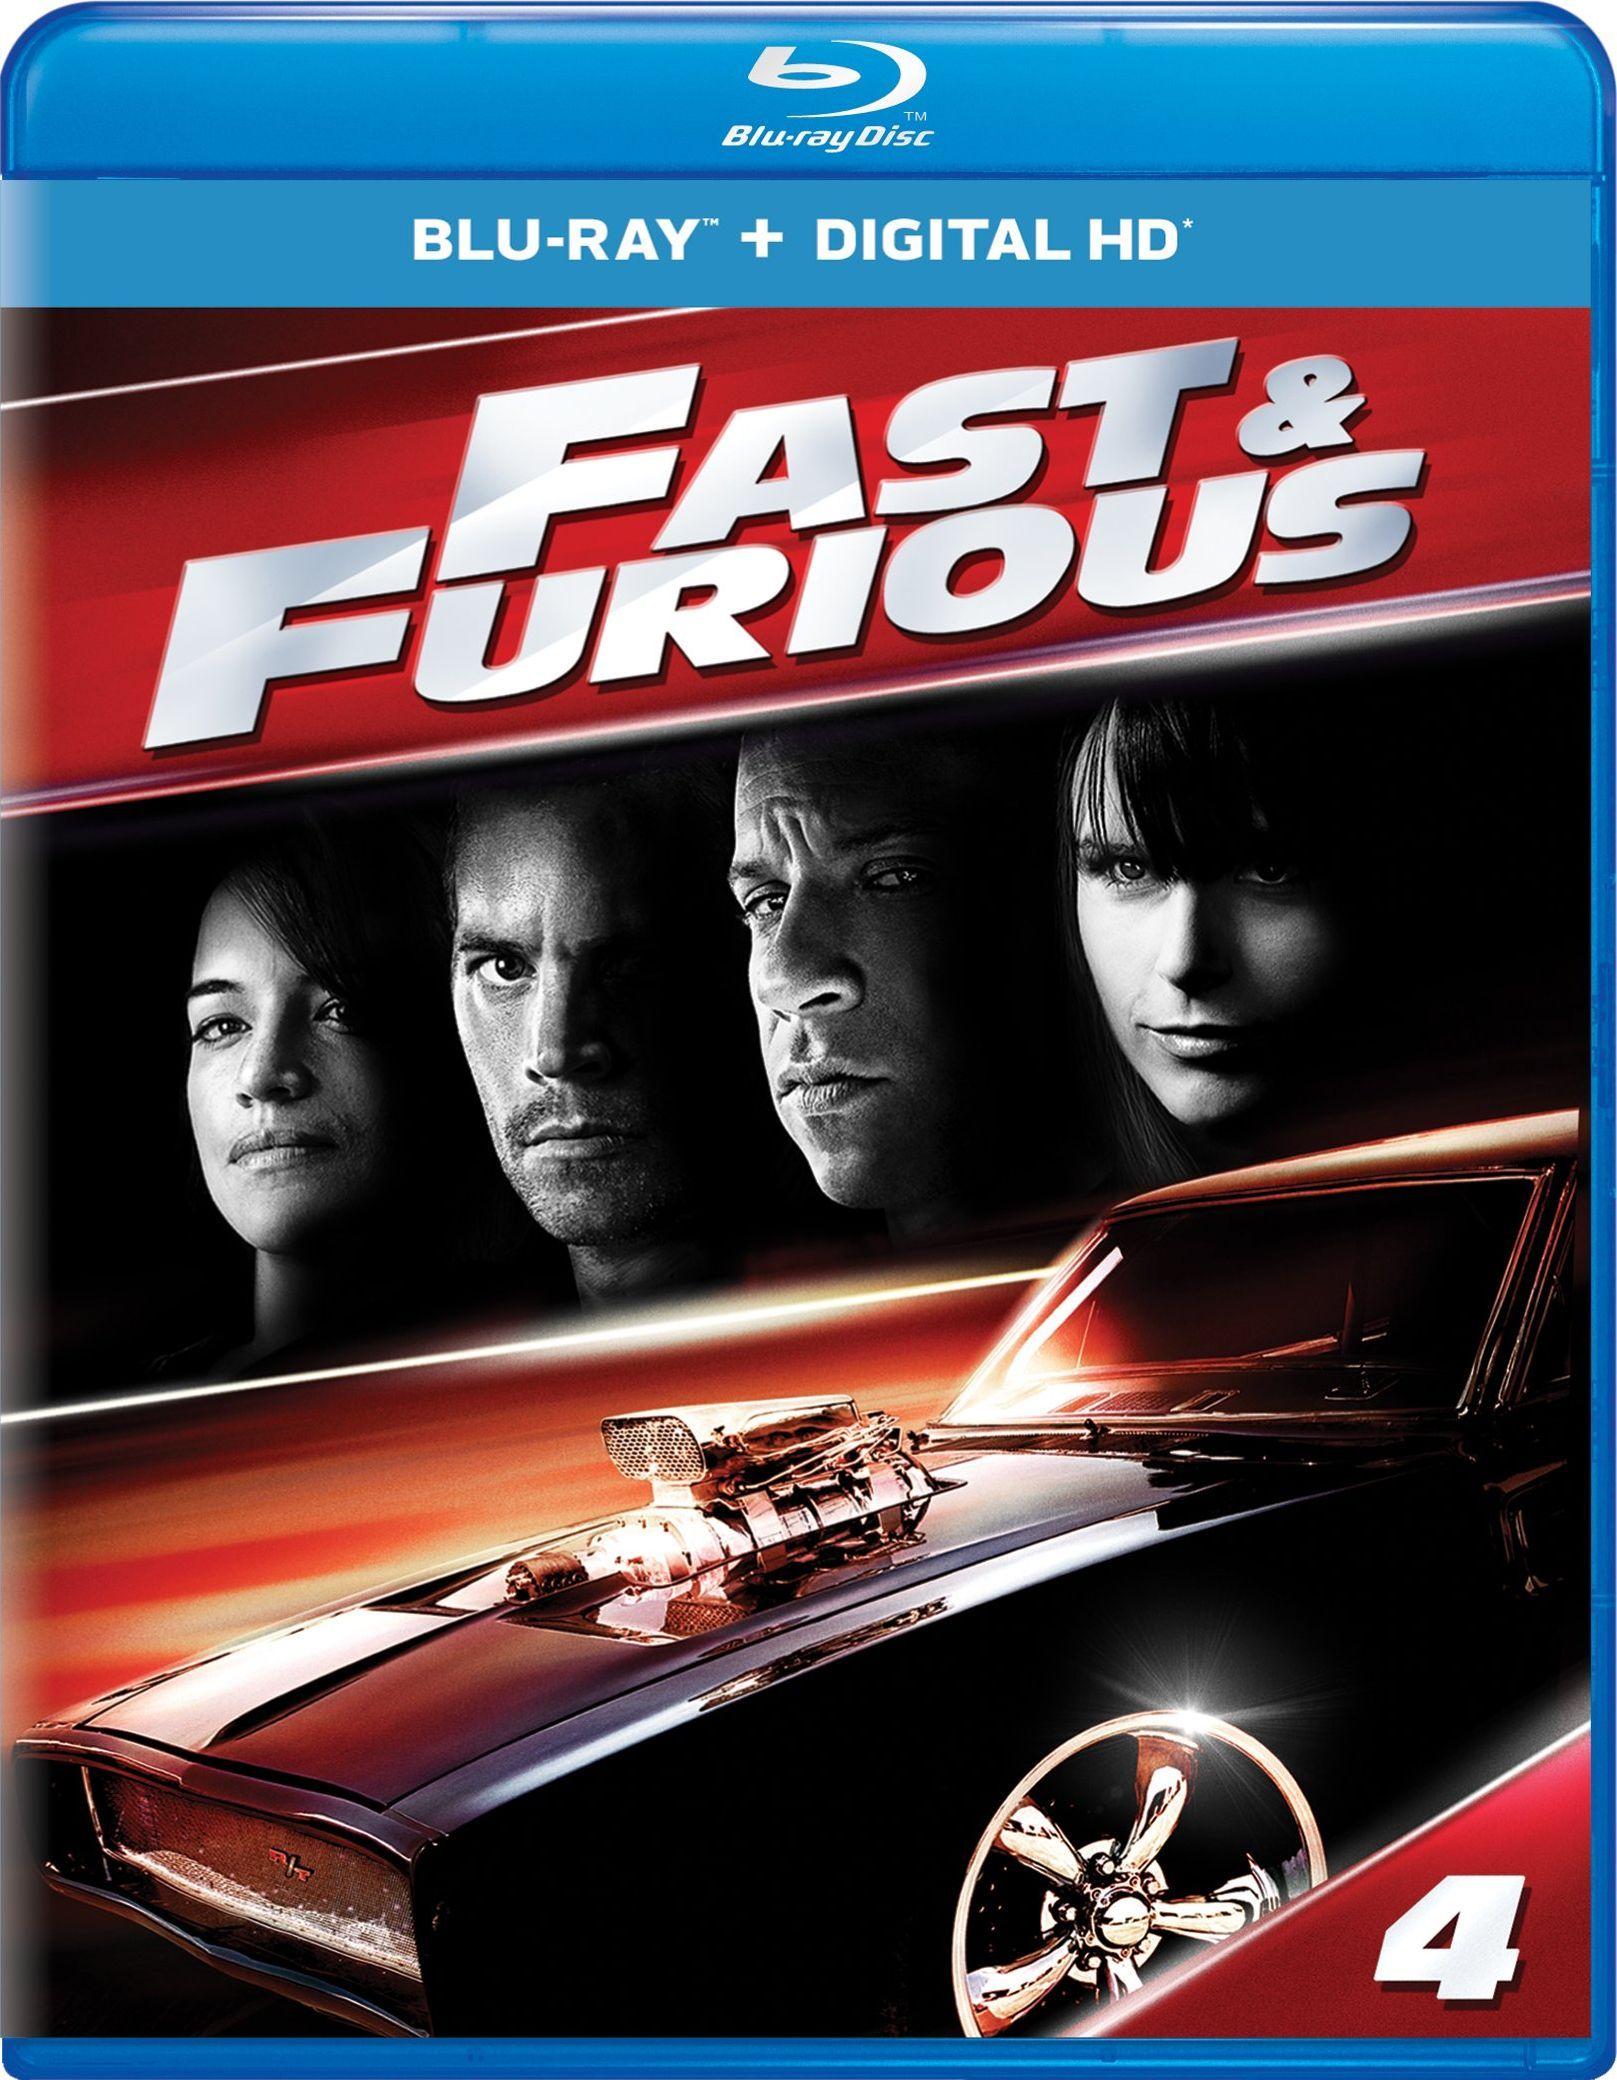 Fast & Furious (2009) (Blu-ray + Digital HD) | Duvar kağıtları ...